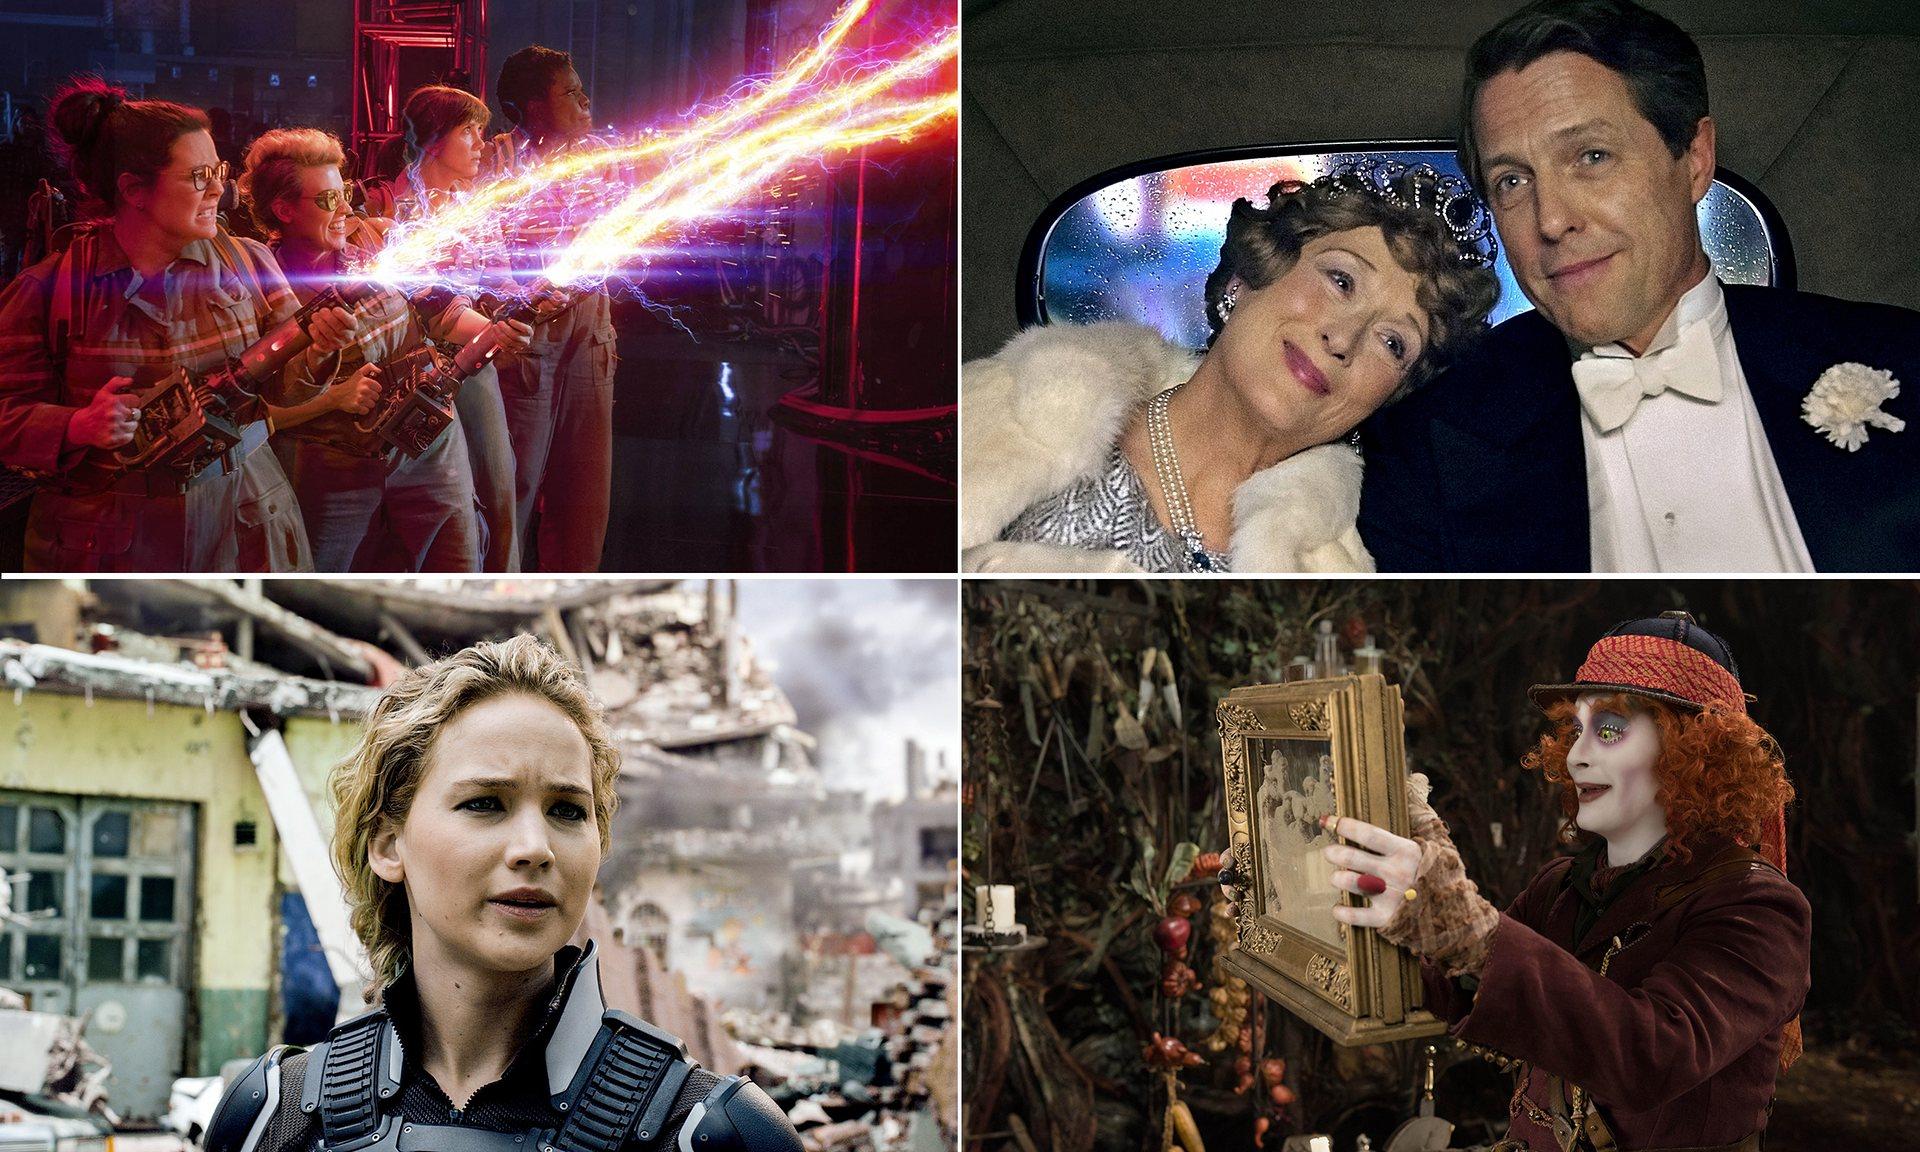 جذاب ترین و وسوسه کننده ترین فیلم های تابستان 2016/ قسمت اول